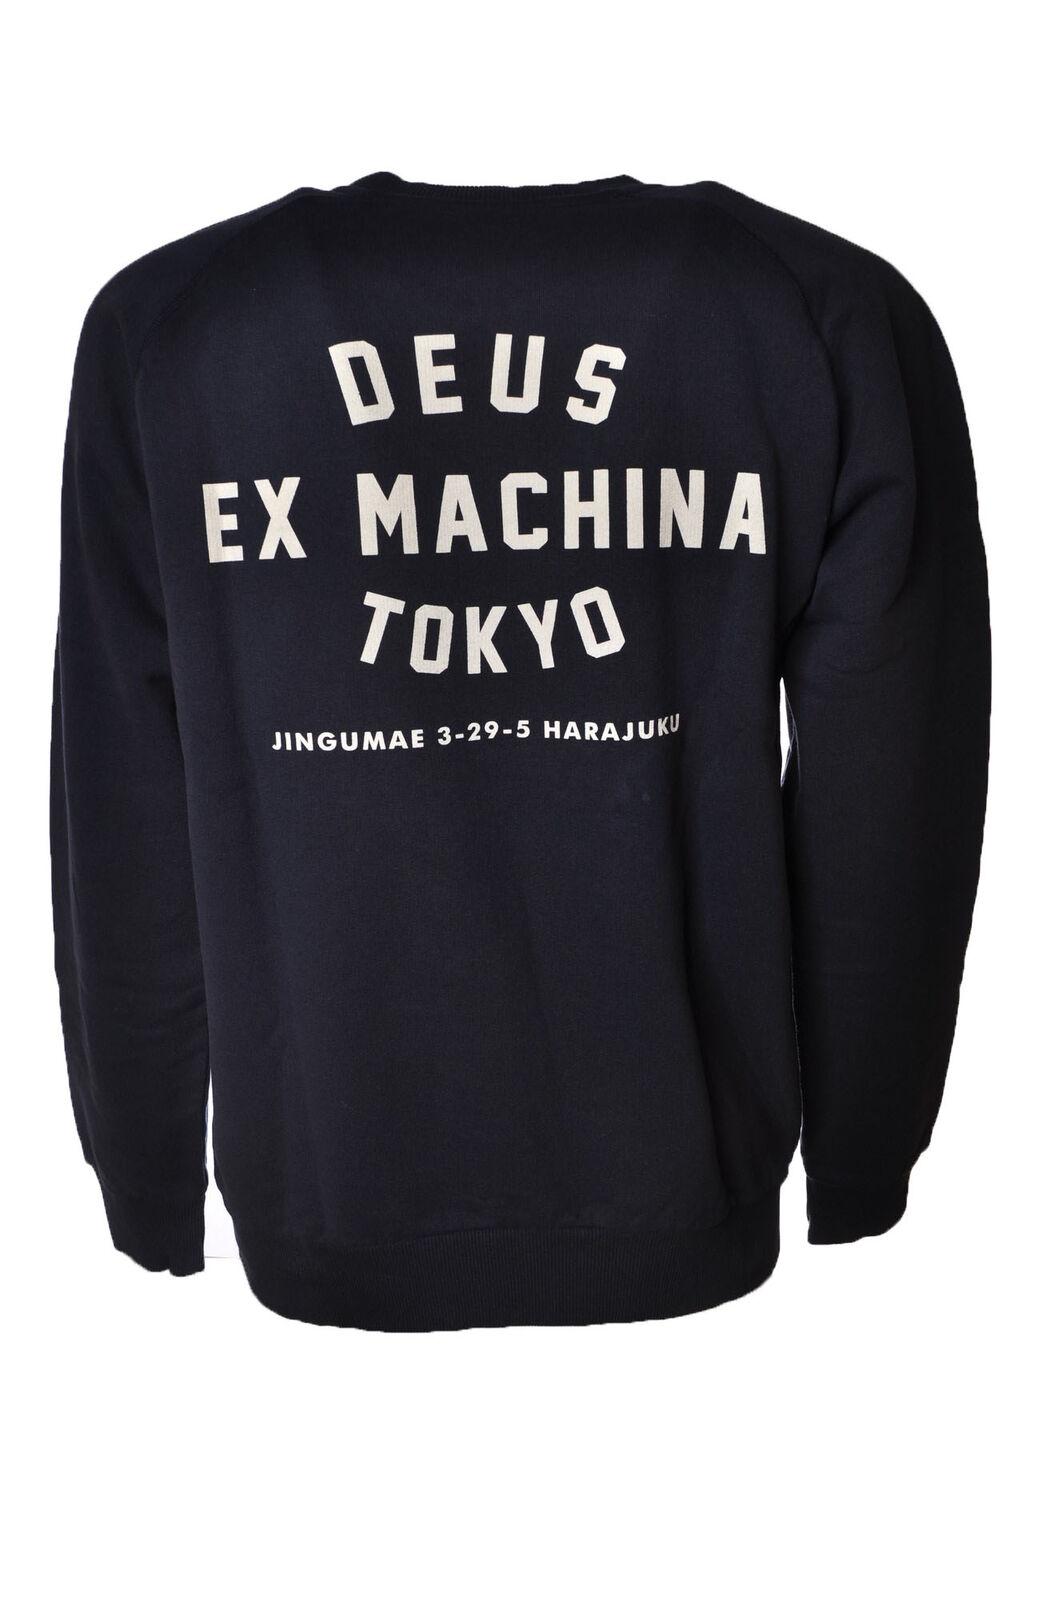 Deus  -  Sweatshirts - Männchen Männchen Männchen - Blau - 4395525A185344 54d314